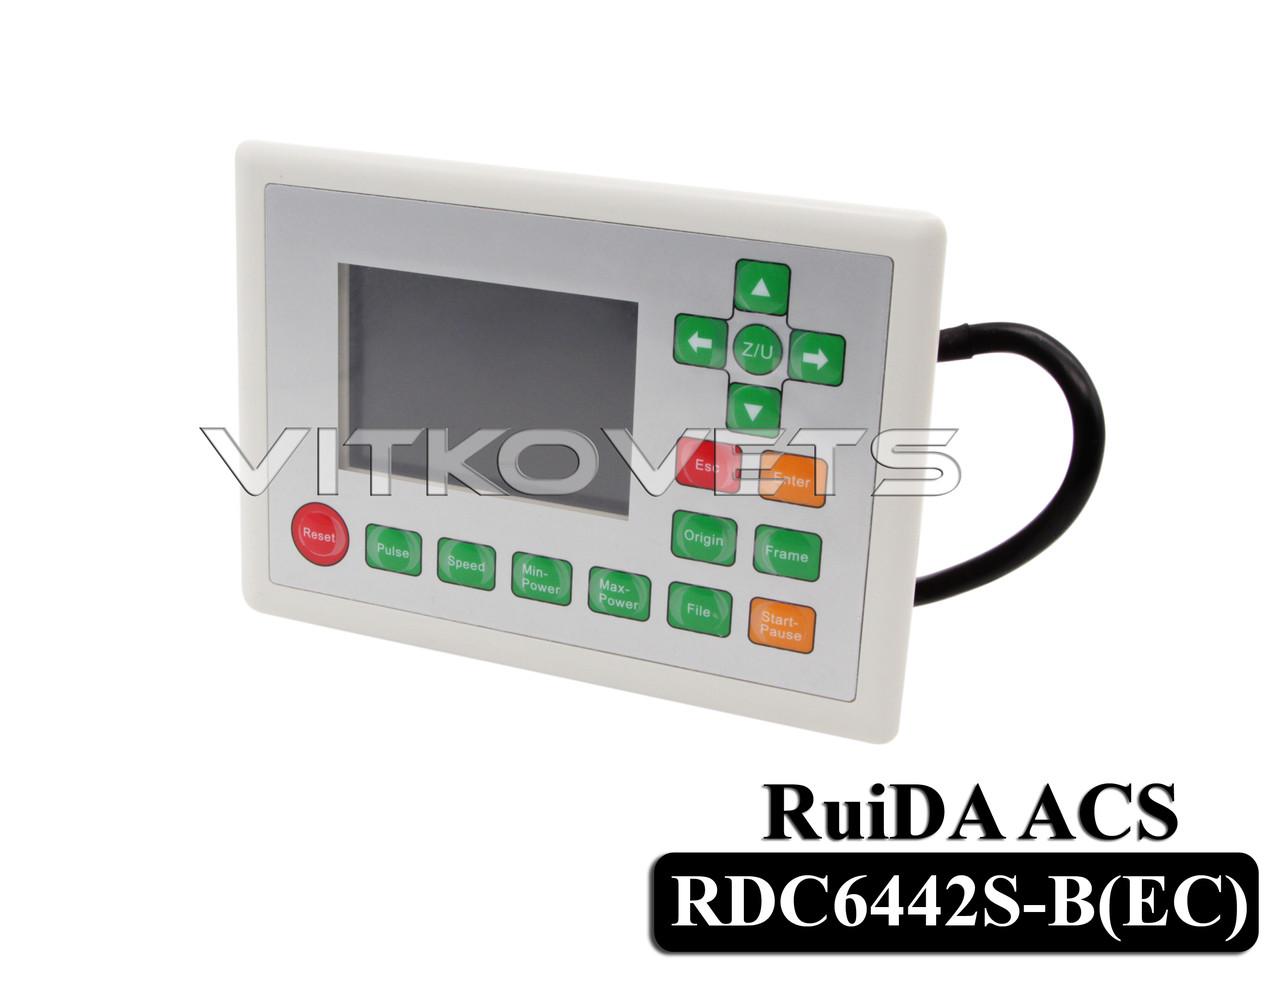 Система управления RuiDa RDC6442S-B(EC), 4 оси управления